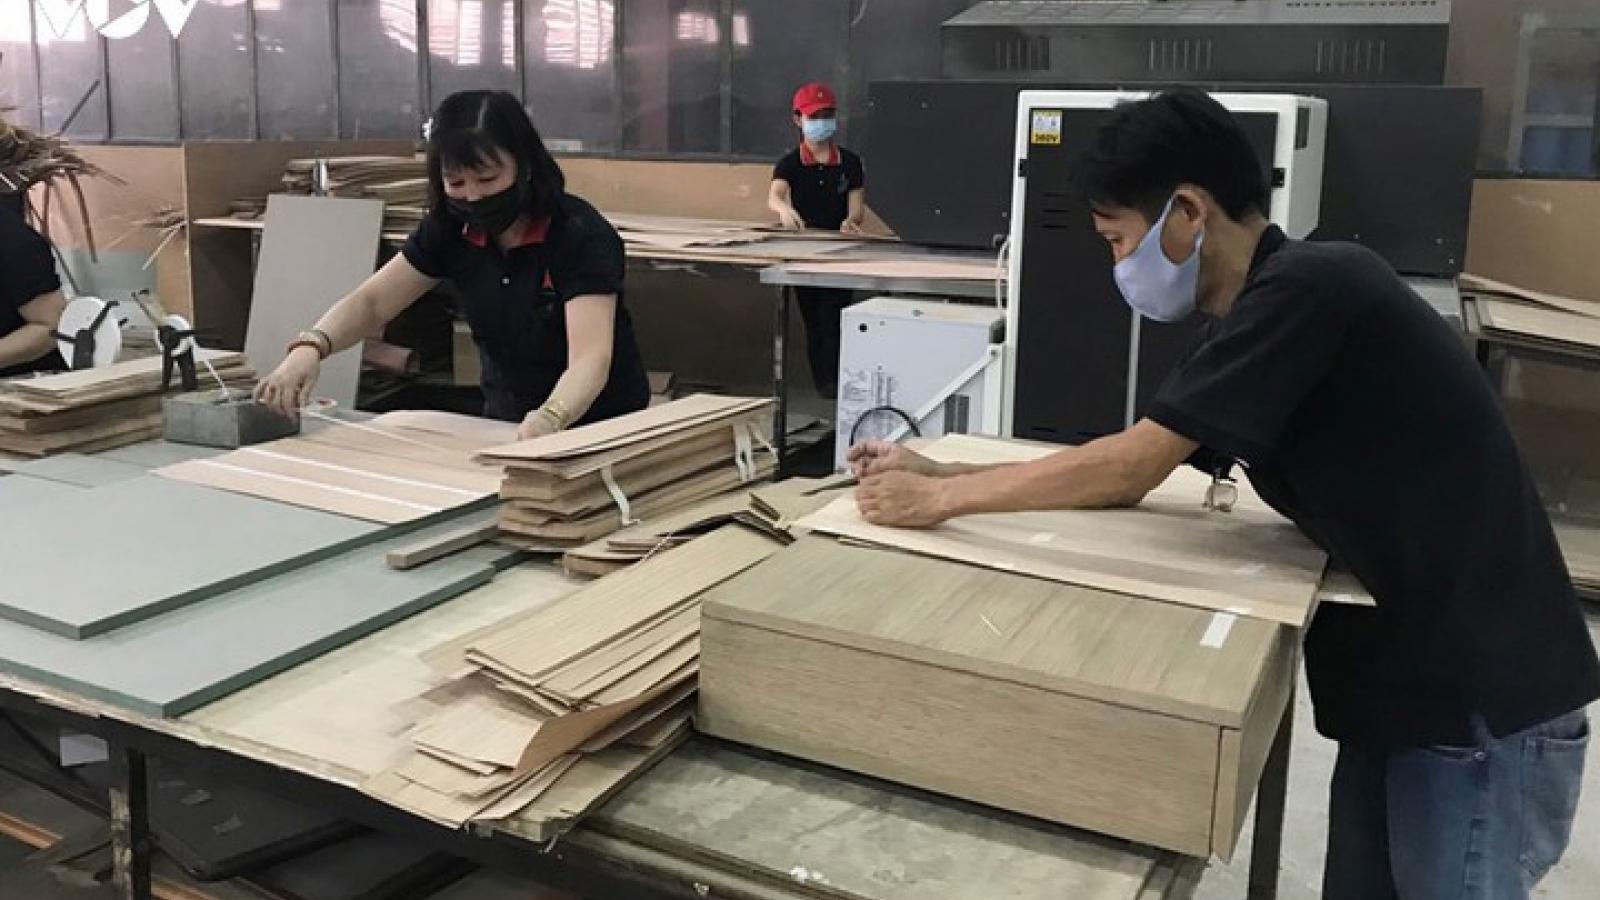 Quảng Nam kiến nghị hỗ trợ 1 triệu đồng/CNLĐ bị ảnh hưởng bởi Covid 19